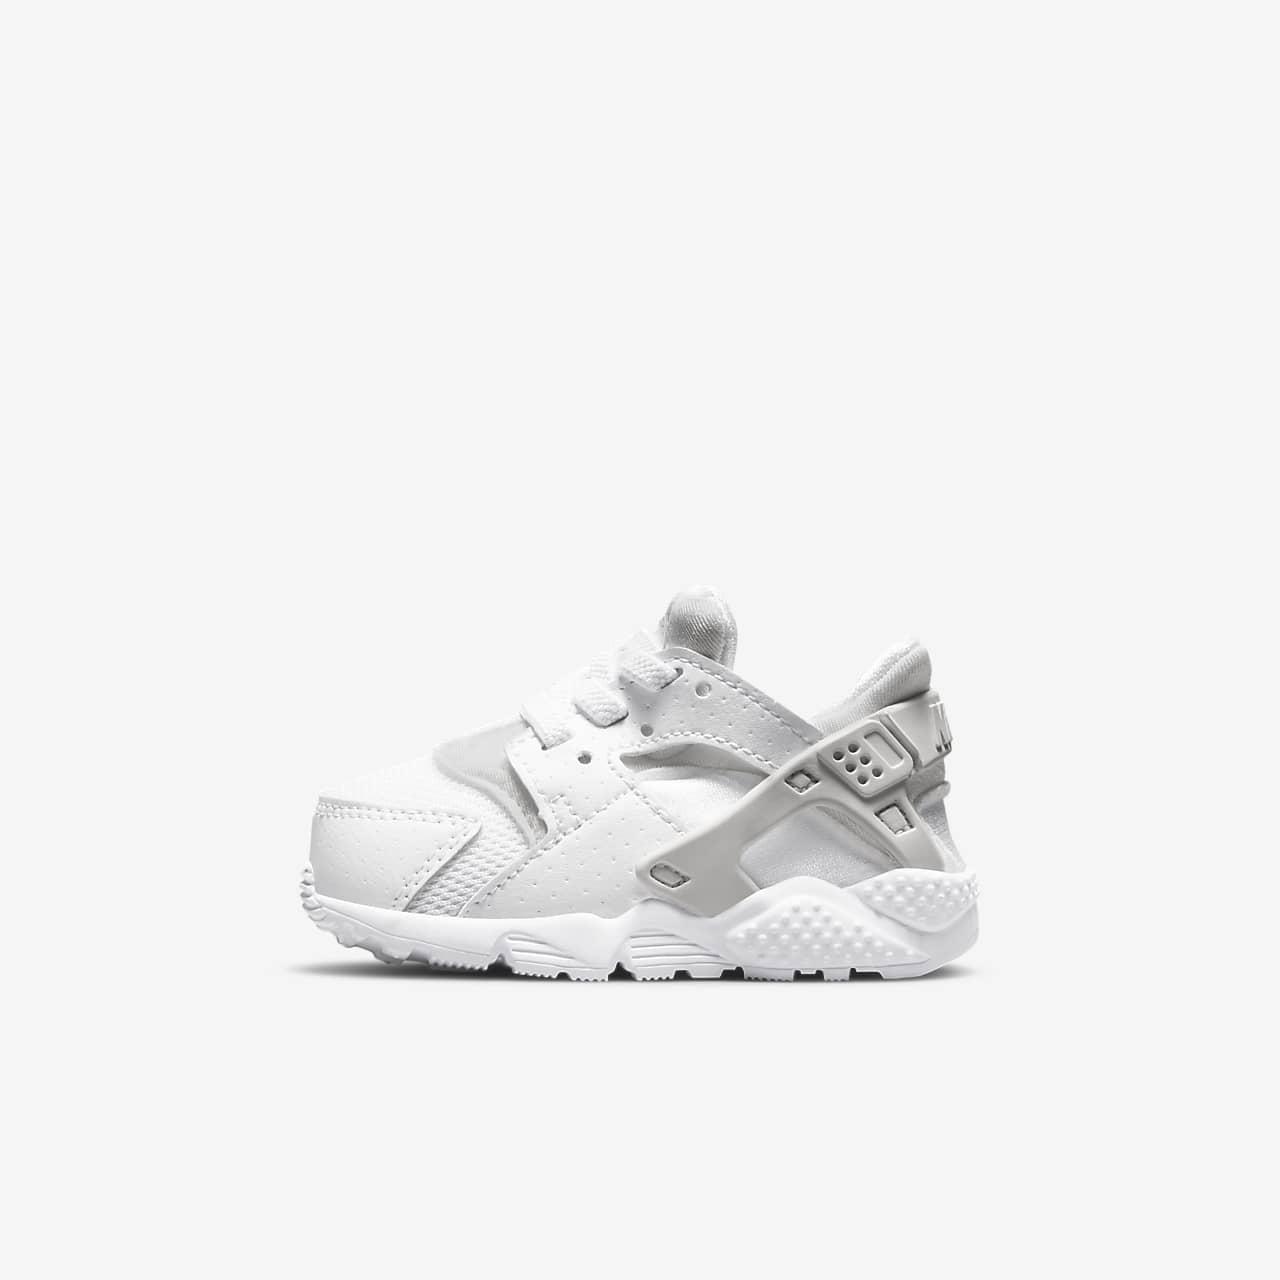 Nike Huarache Run sko til sped-/småbarn